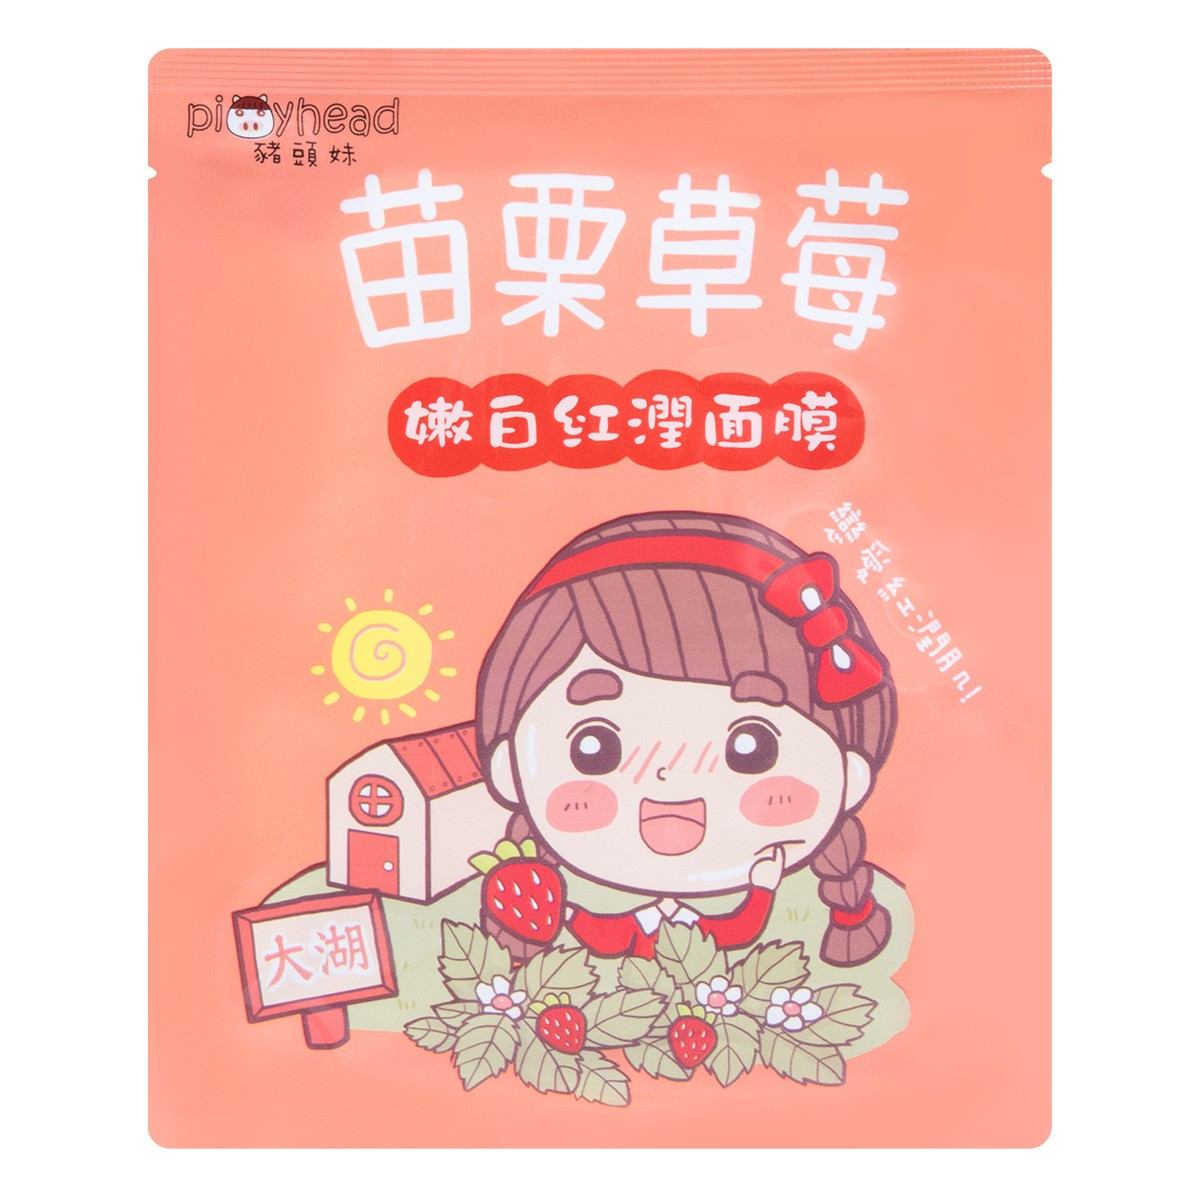 台湾猪头妹 苗栗草莓 嫩白红润面膜 单片入